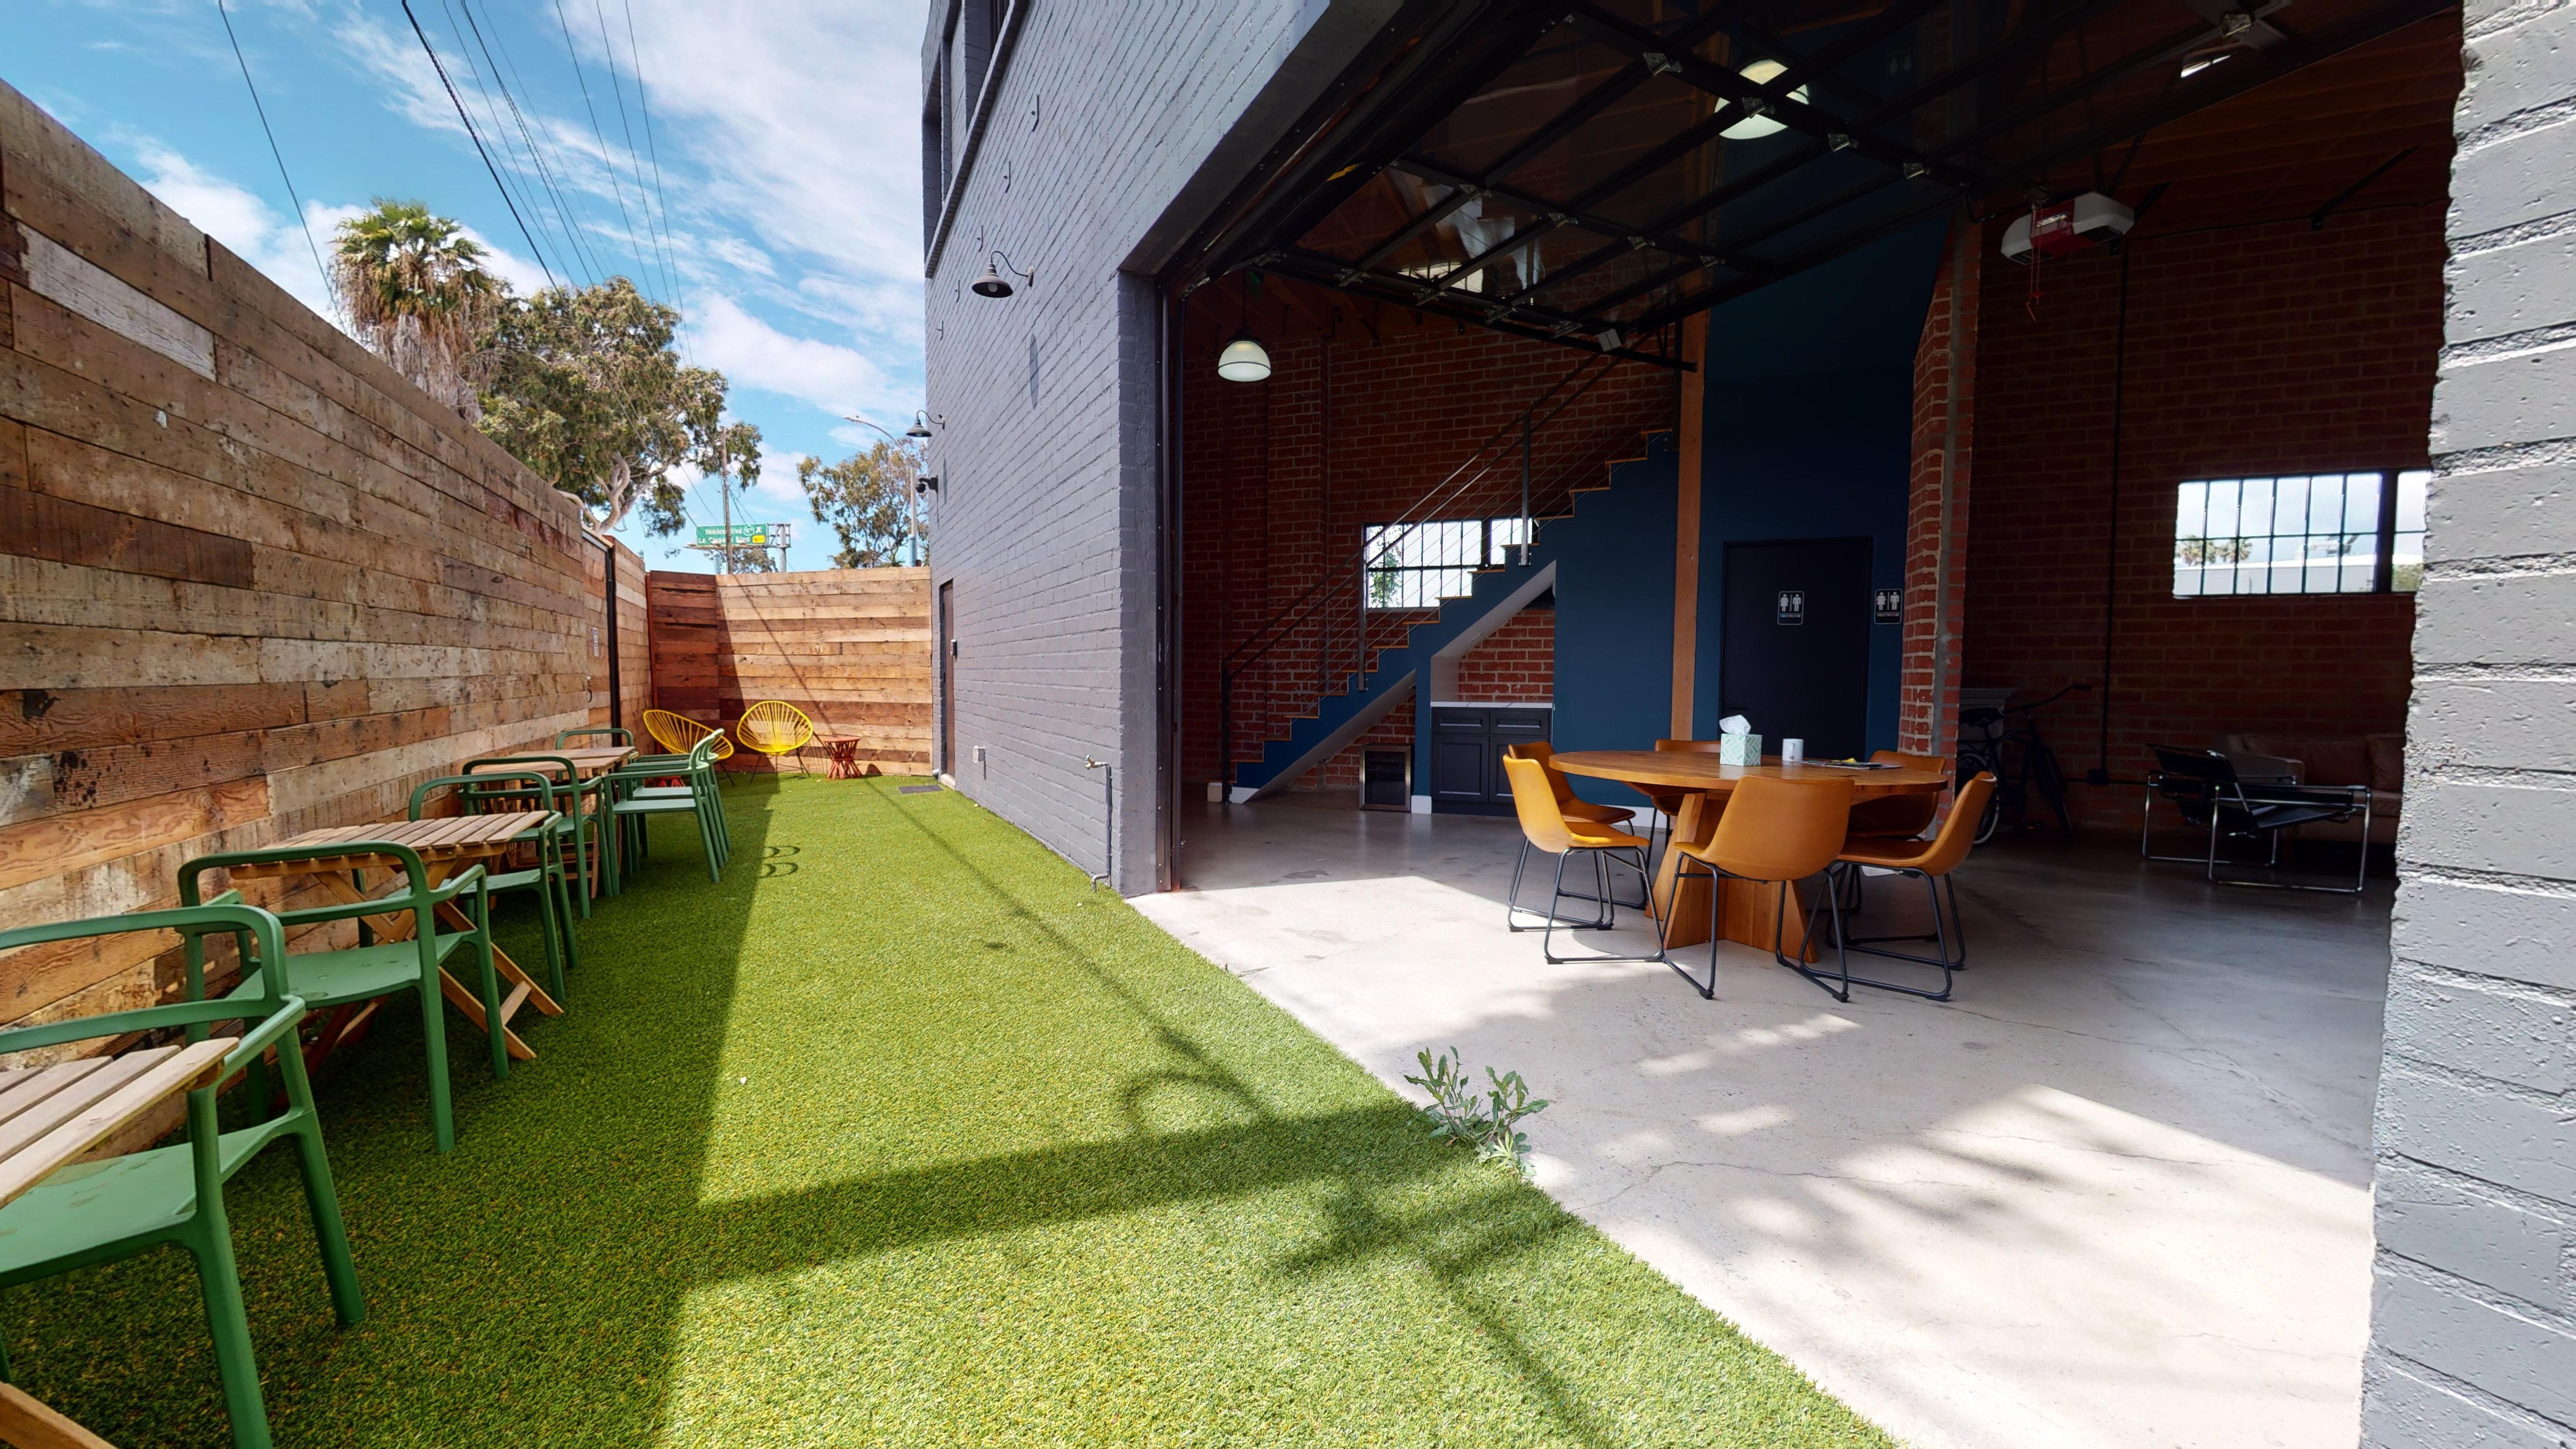 West Adams - Culver City Coworking Space